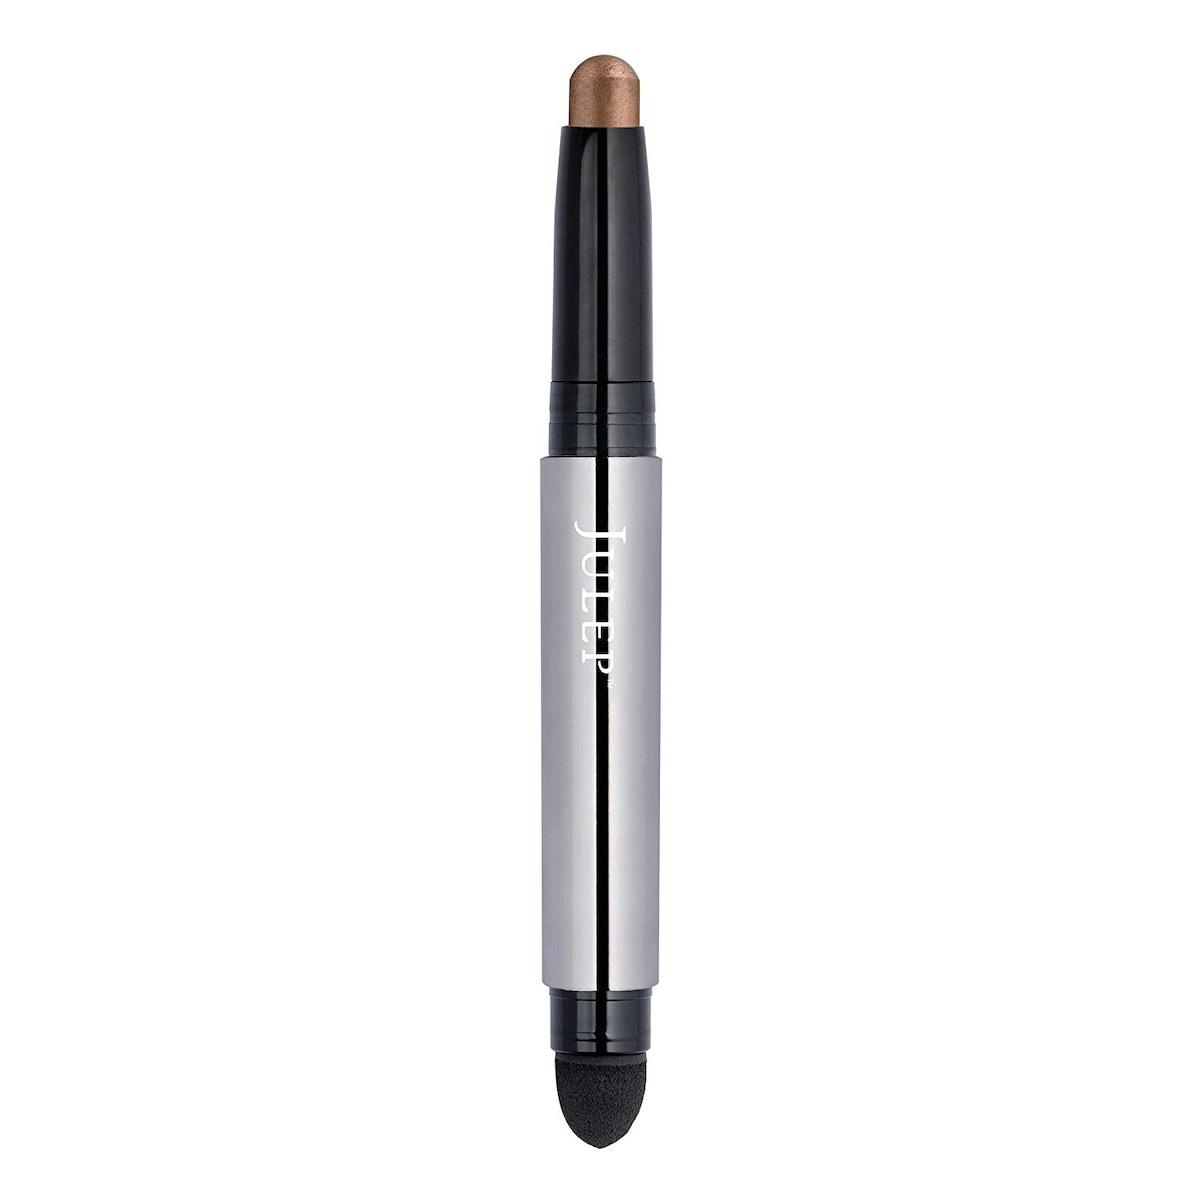 Julep Eyeshadow 101 Créme to Powder Waterproof Eyeshadow Stick